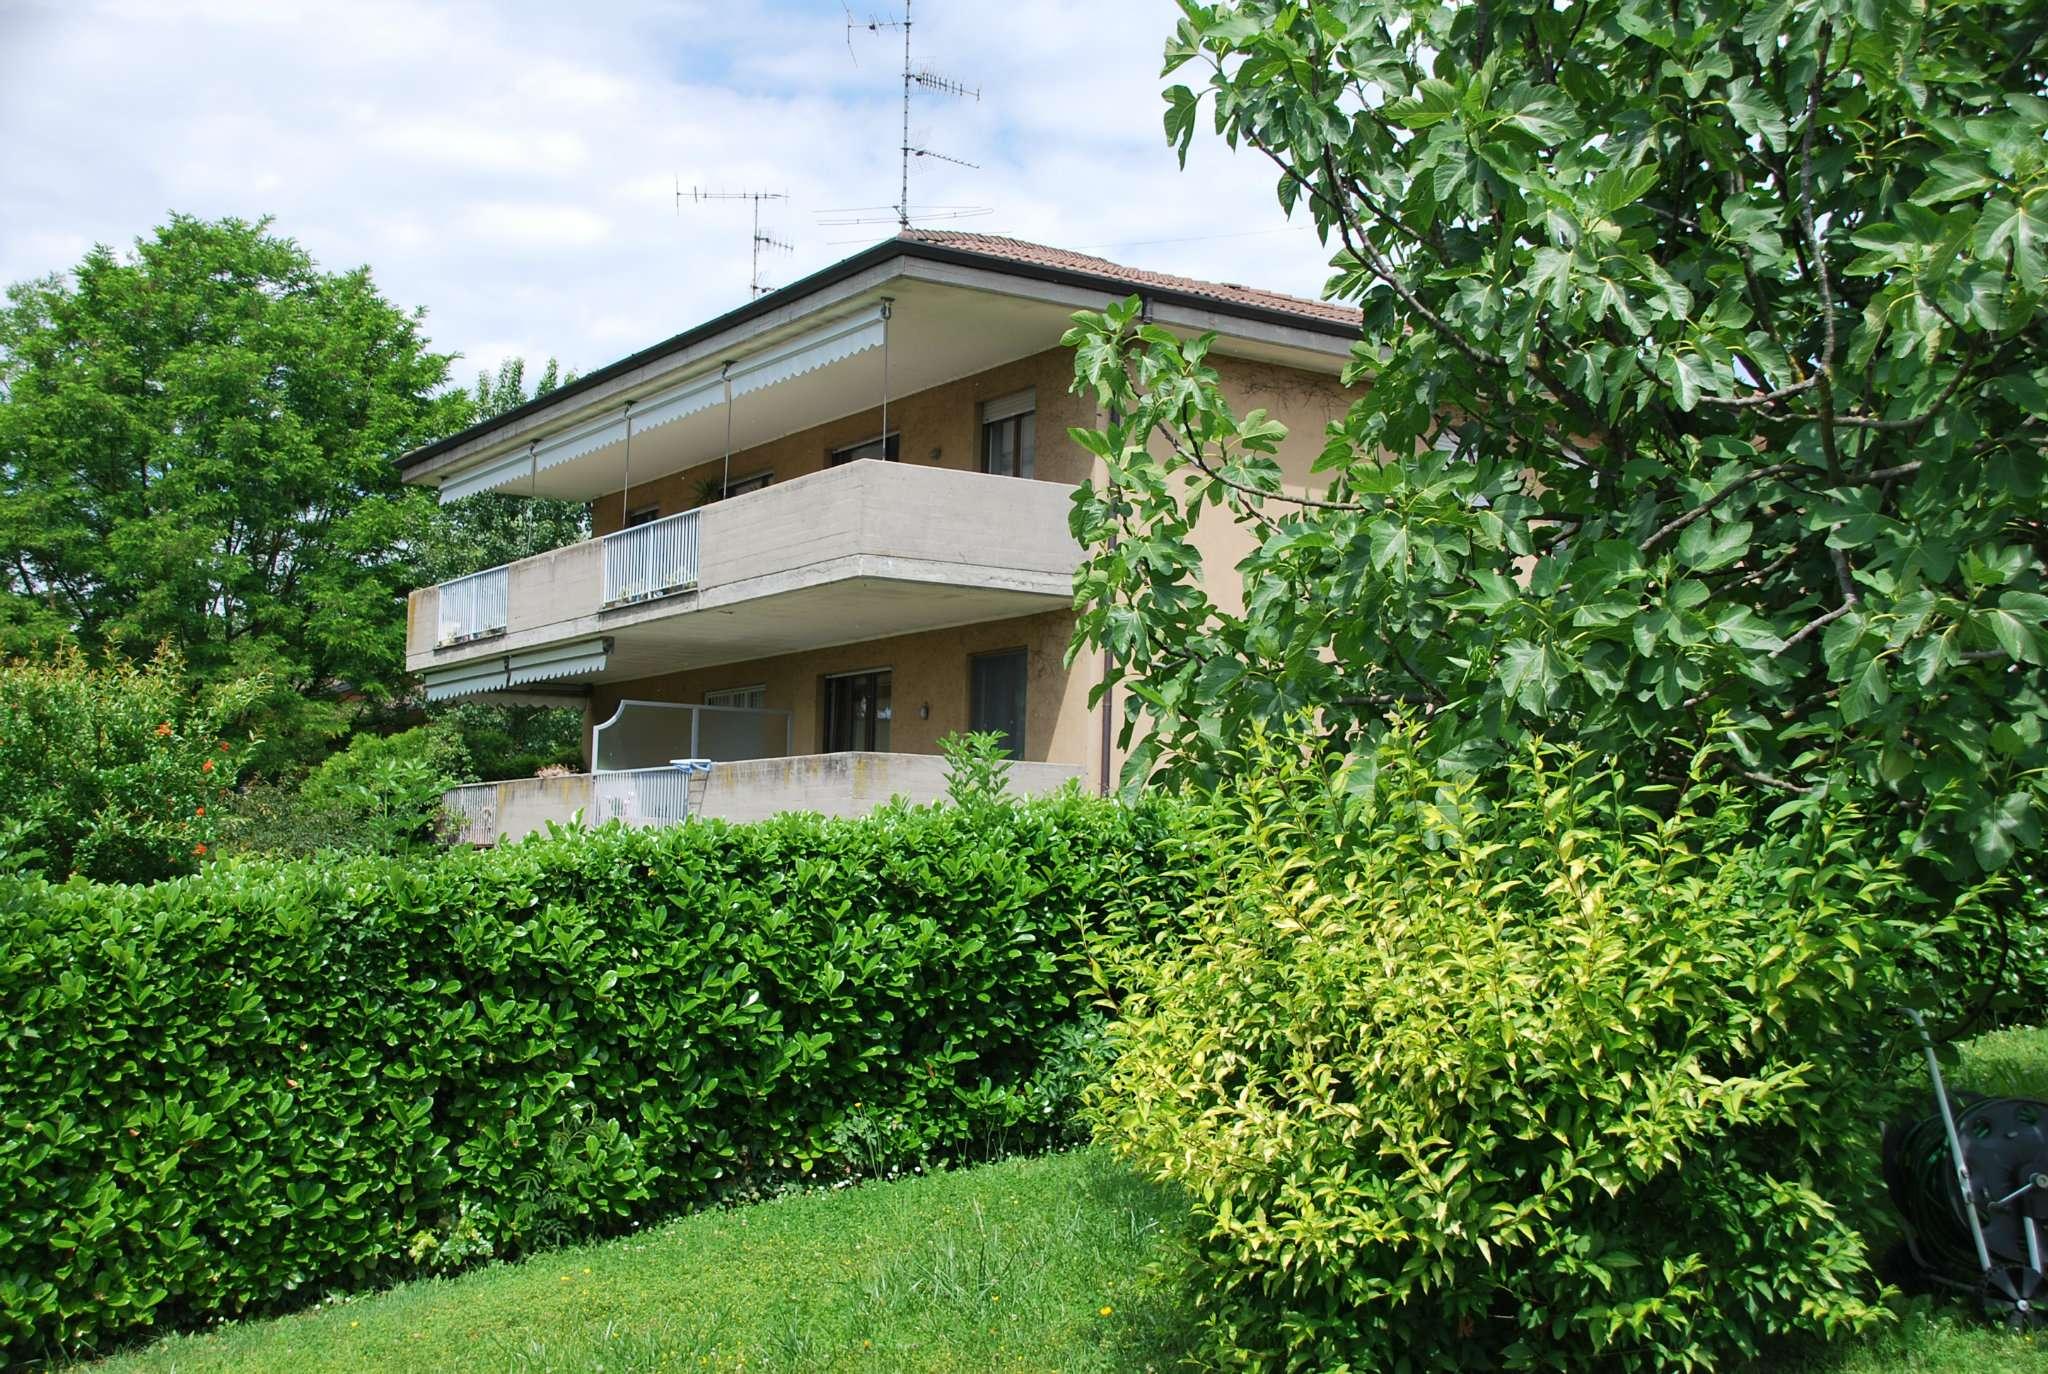 Appartamento in vendita a Varese, 3 locali, prezzo € 230.000 | CambioCasa.it